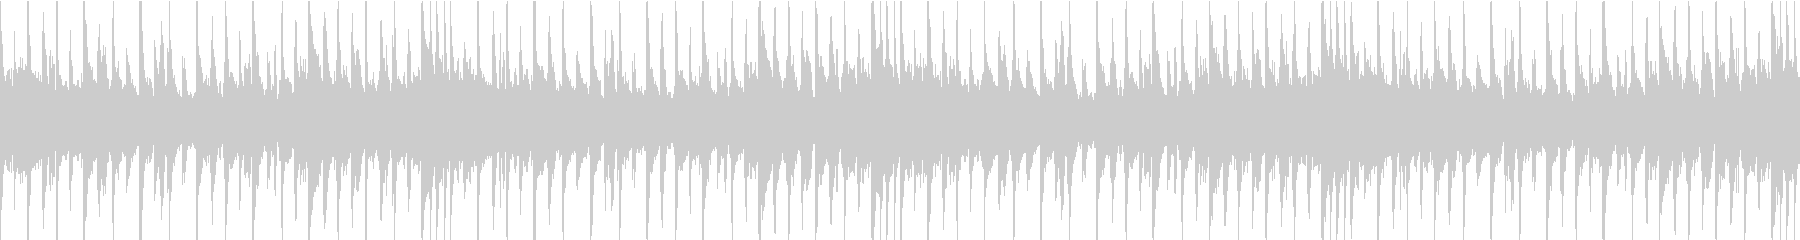 チャイニーズな雰囲気のBGMの未再生の波形